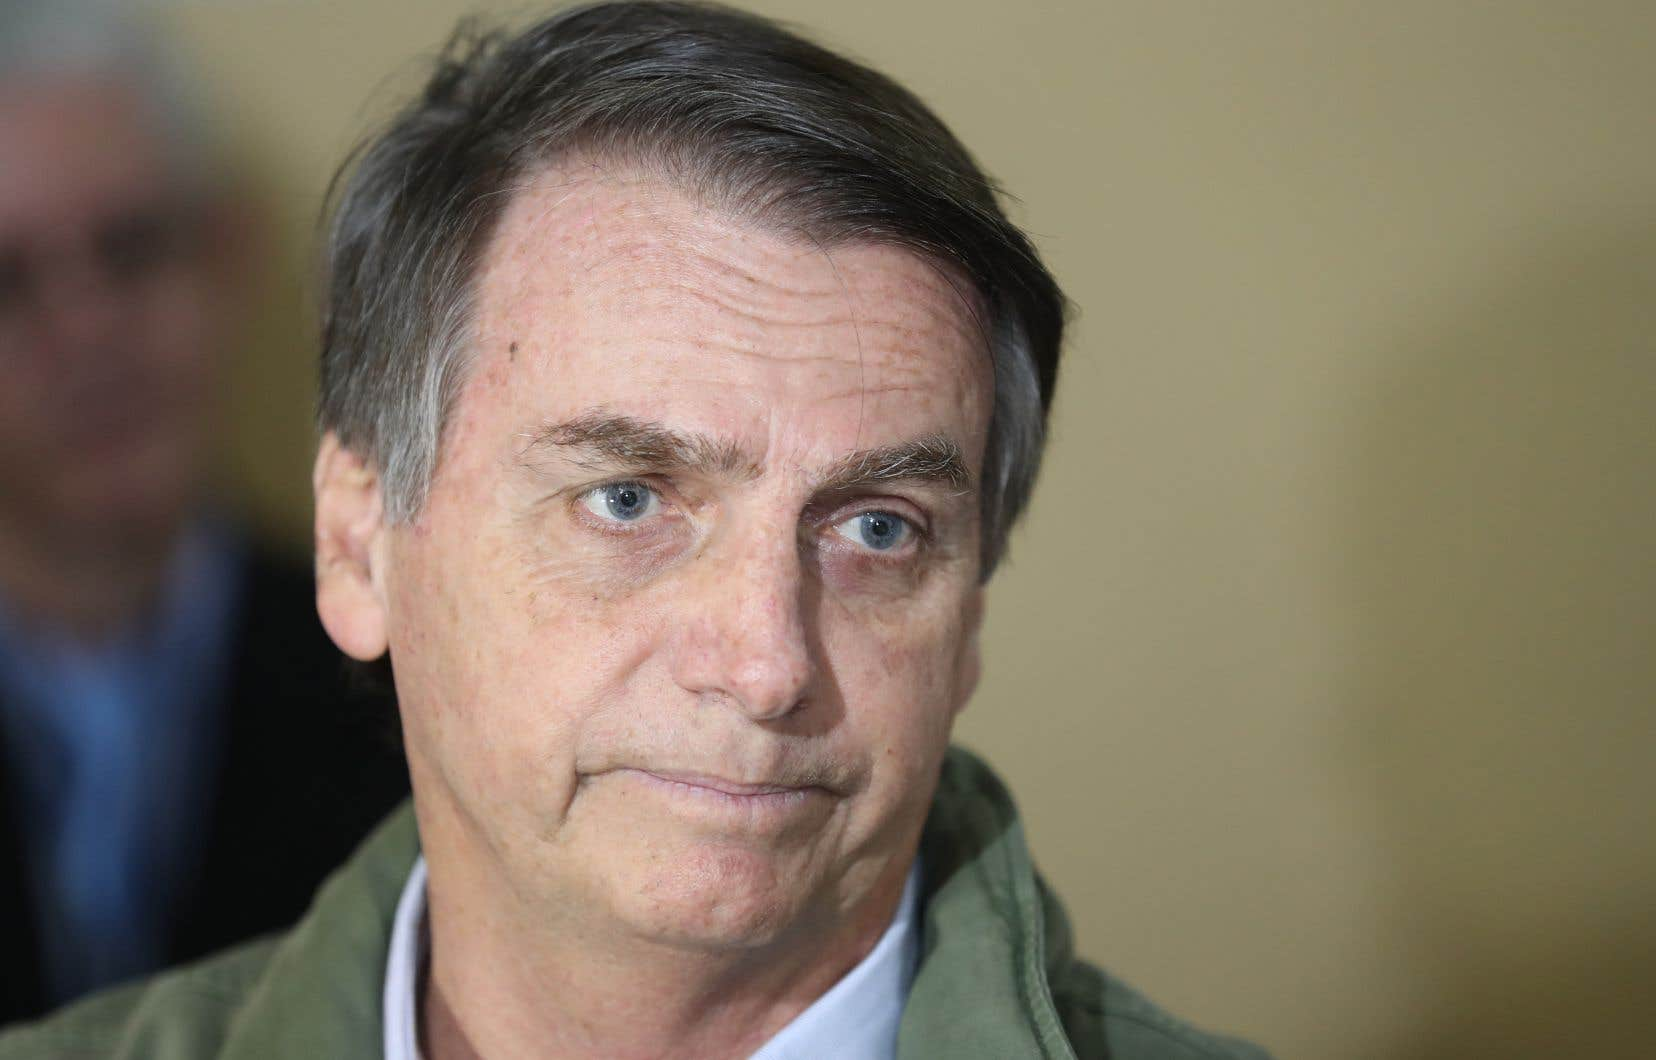 Jair Bolsonaro, du Parti social libéral, a multiplié les déclarations intempestives ces dernières semaines.